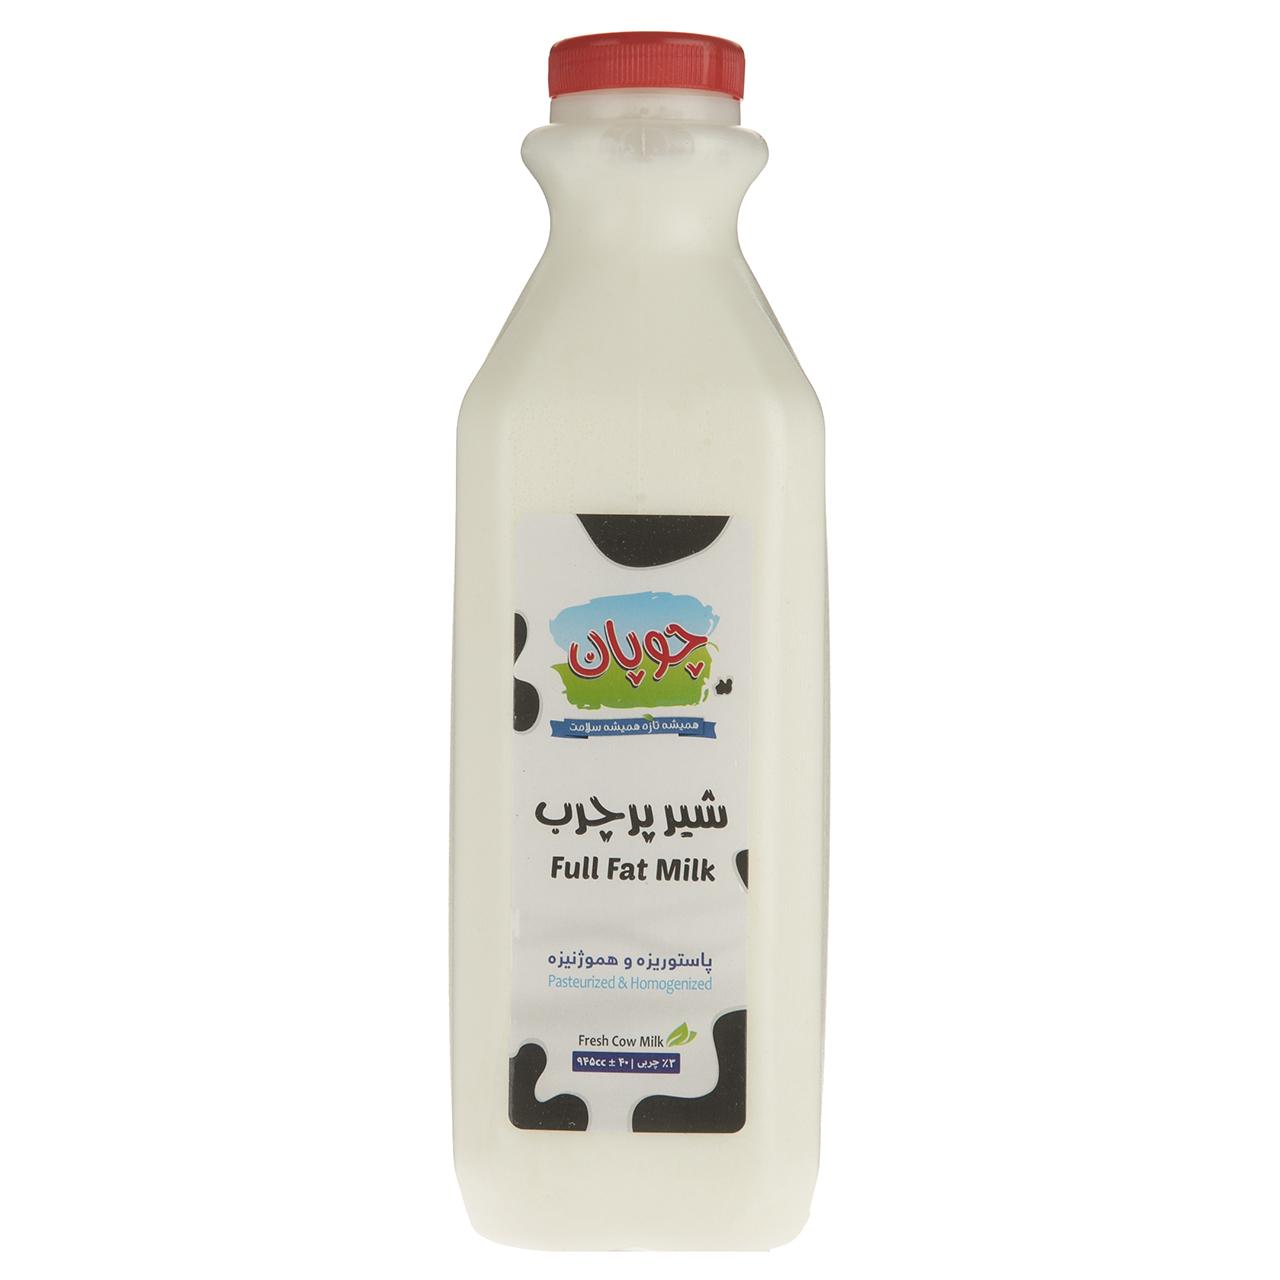 شیر پرچرب چوپان حجم 0.945 لیتر